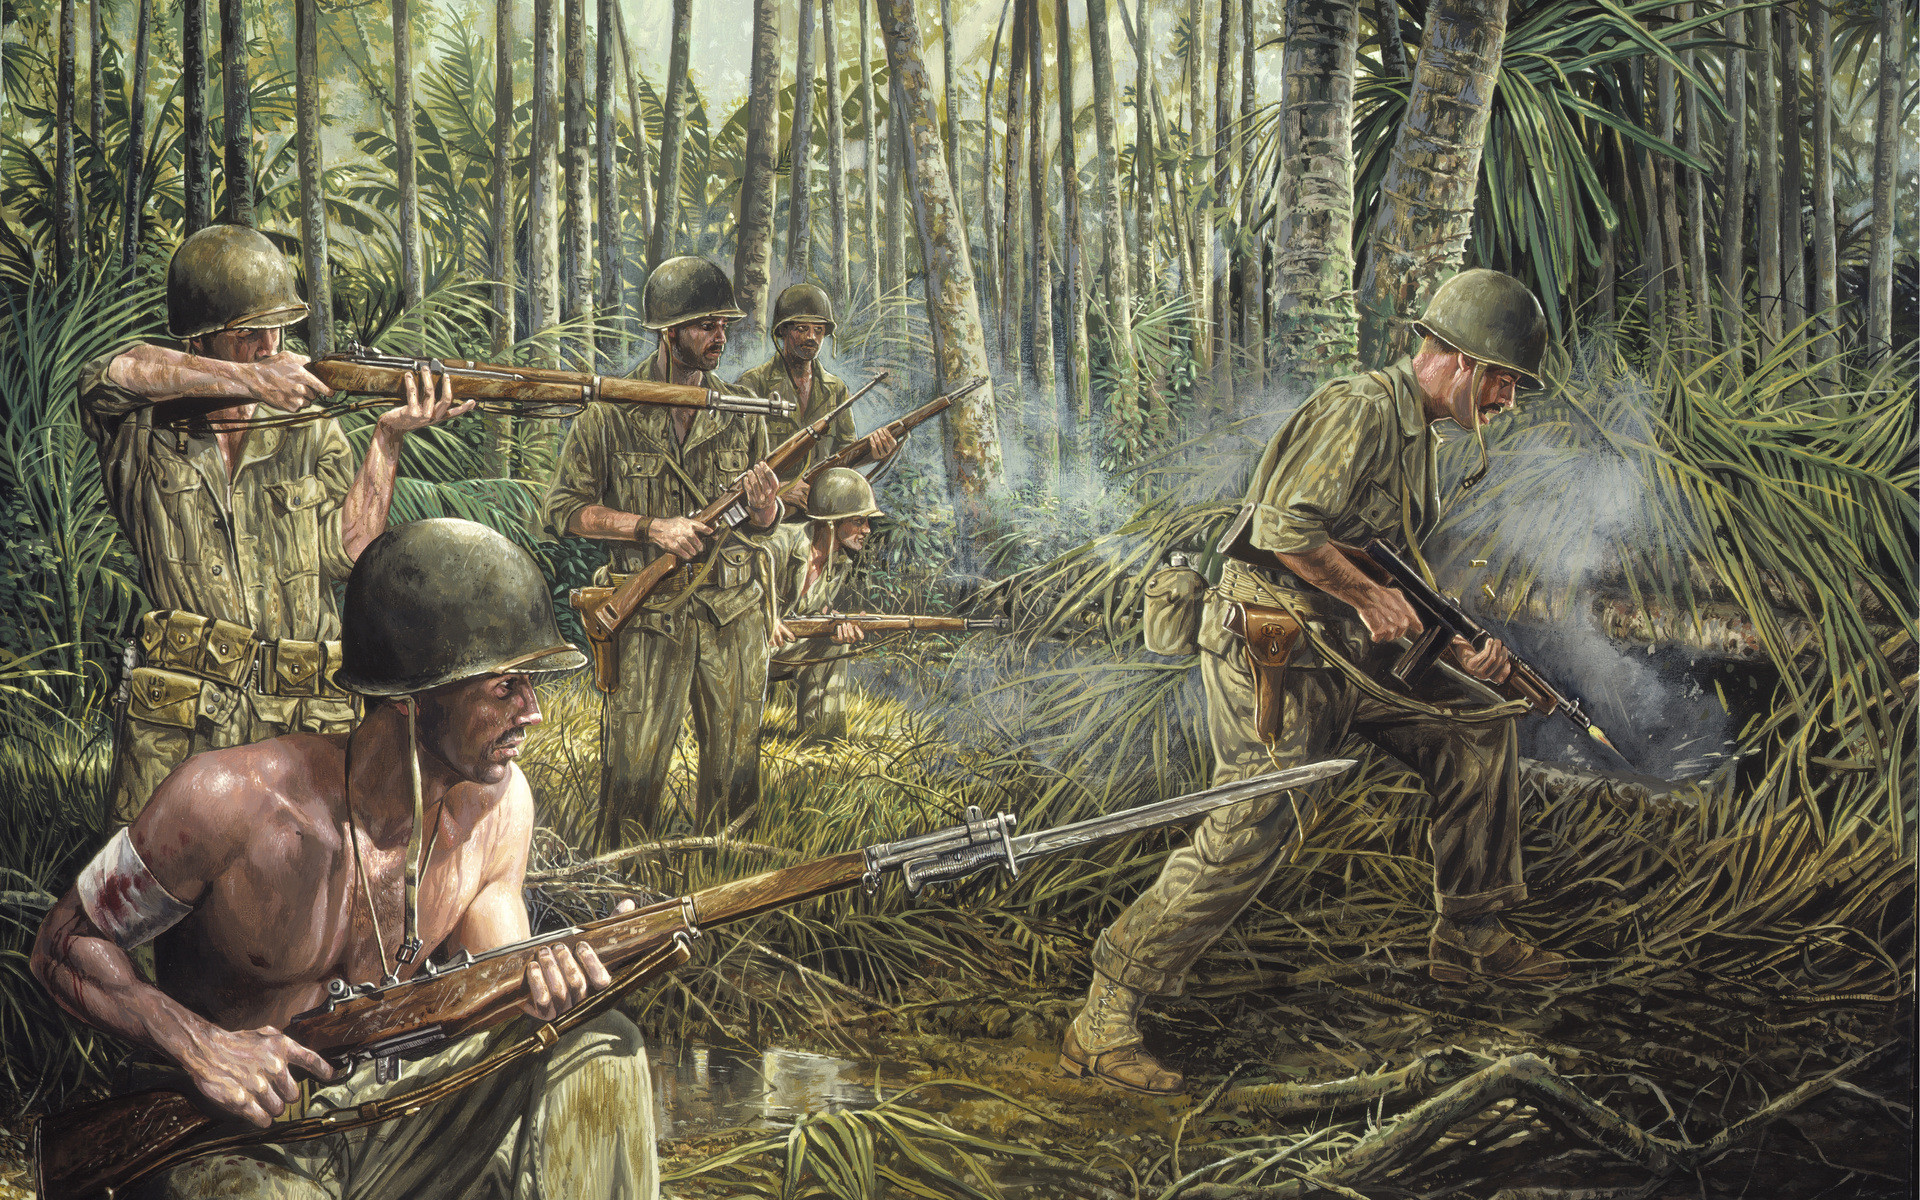 Battle of Iwo Jima World War II Painings, Art Wallpaper